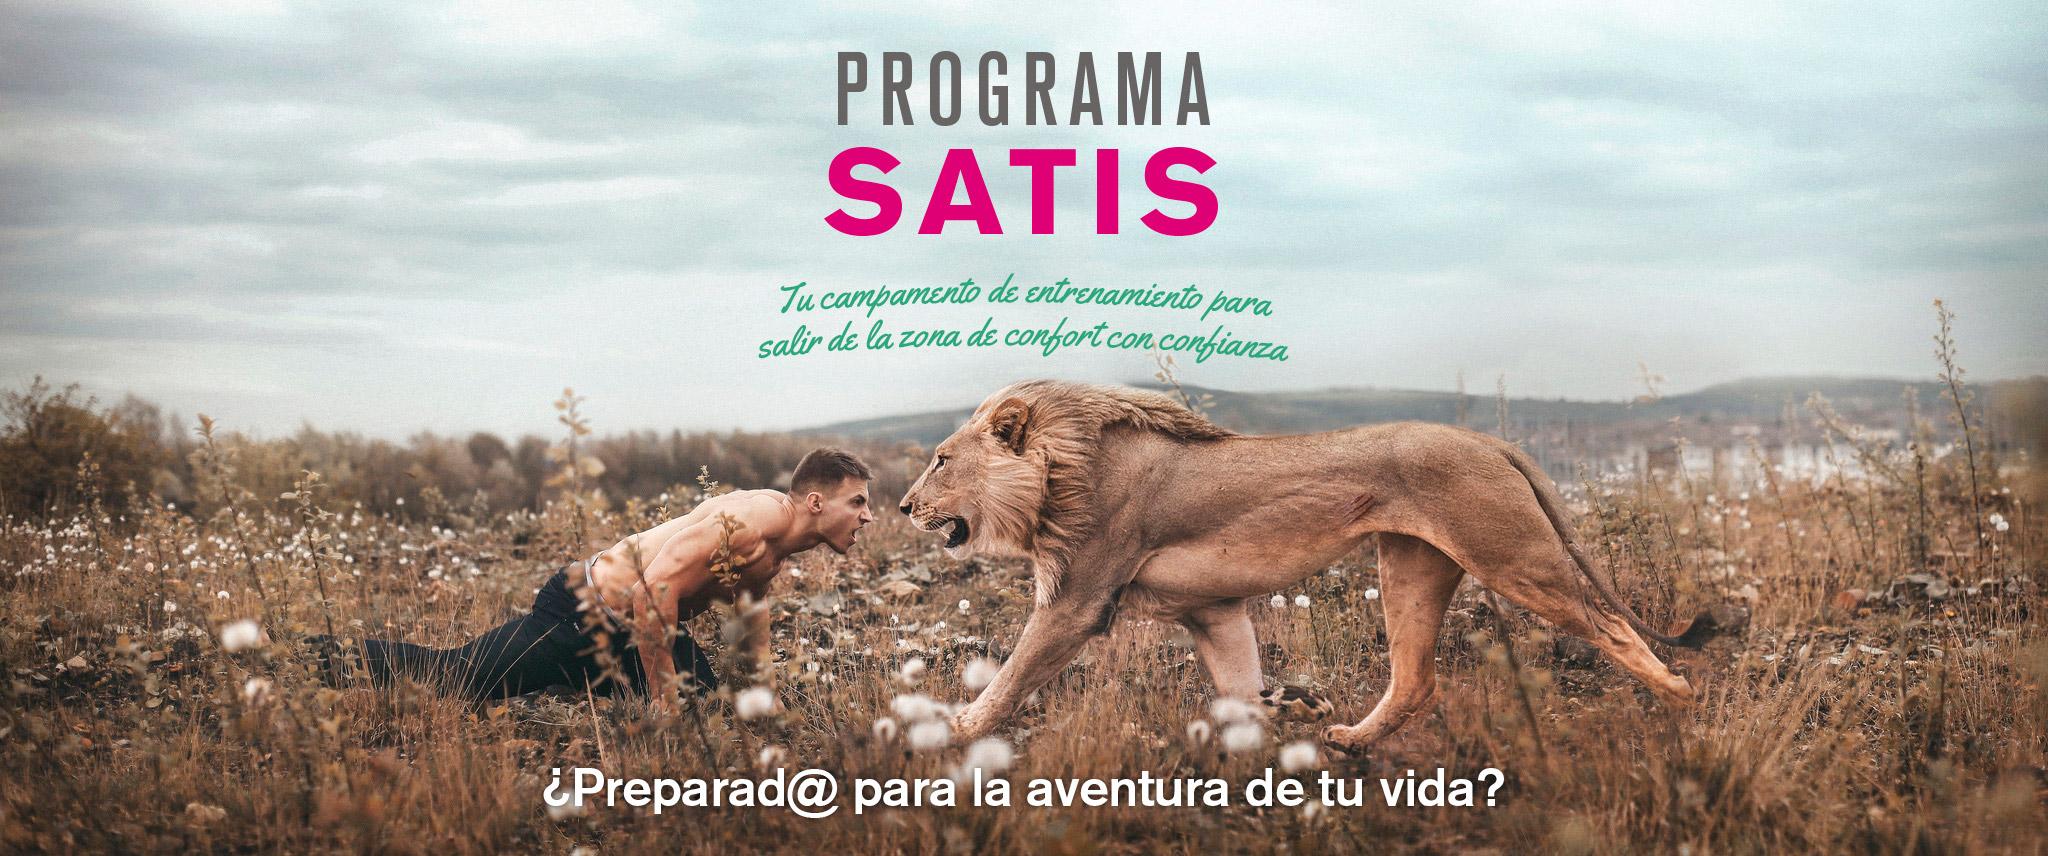 satis-2